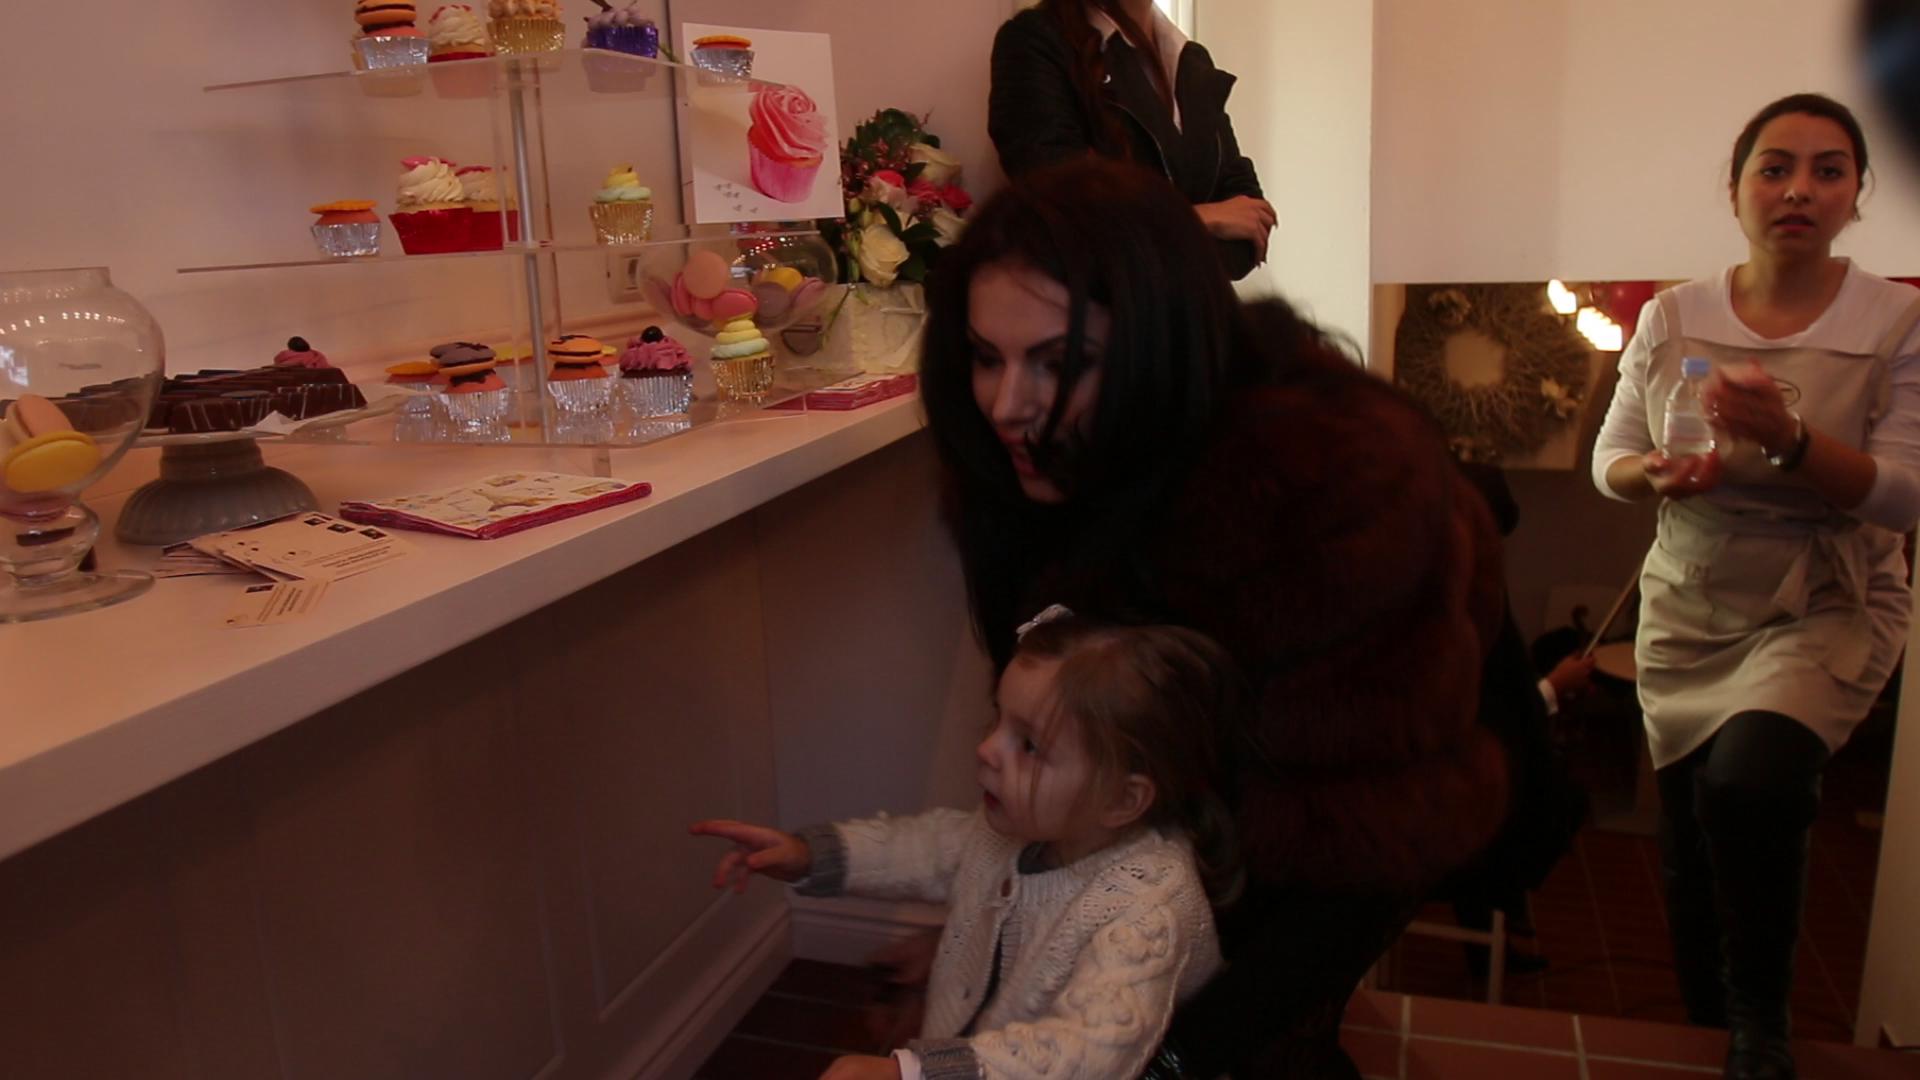 In masura in care ii permite evenimentul la care participa, Ramona merge intotdeauna insotita de fetita ei